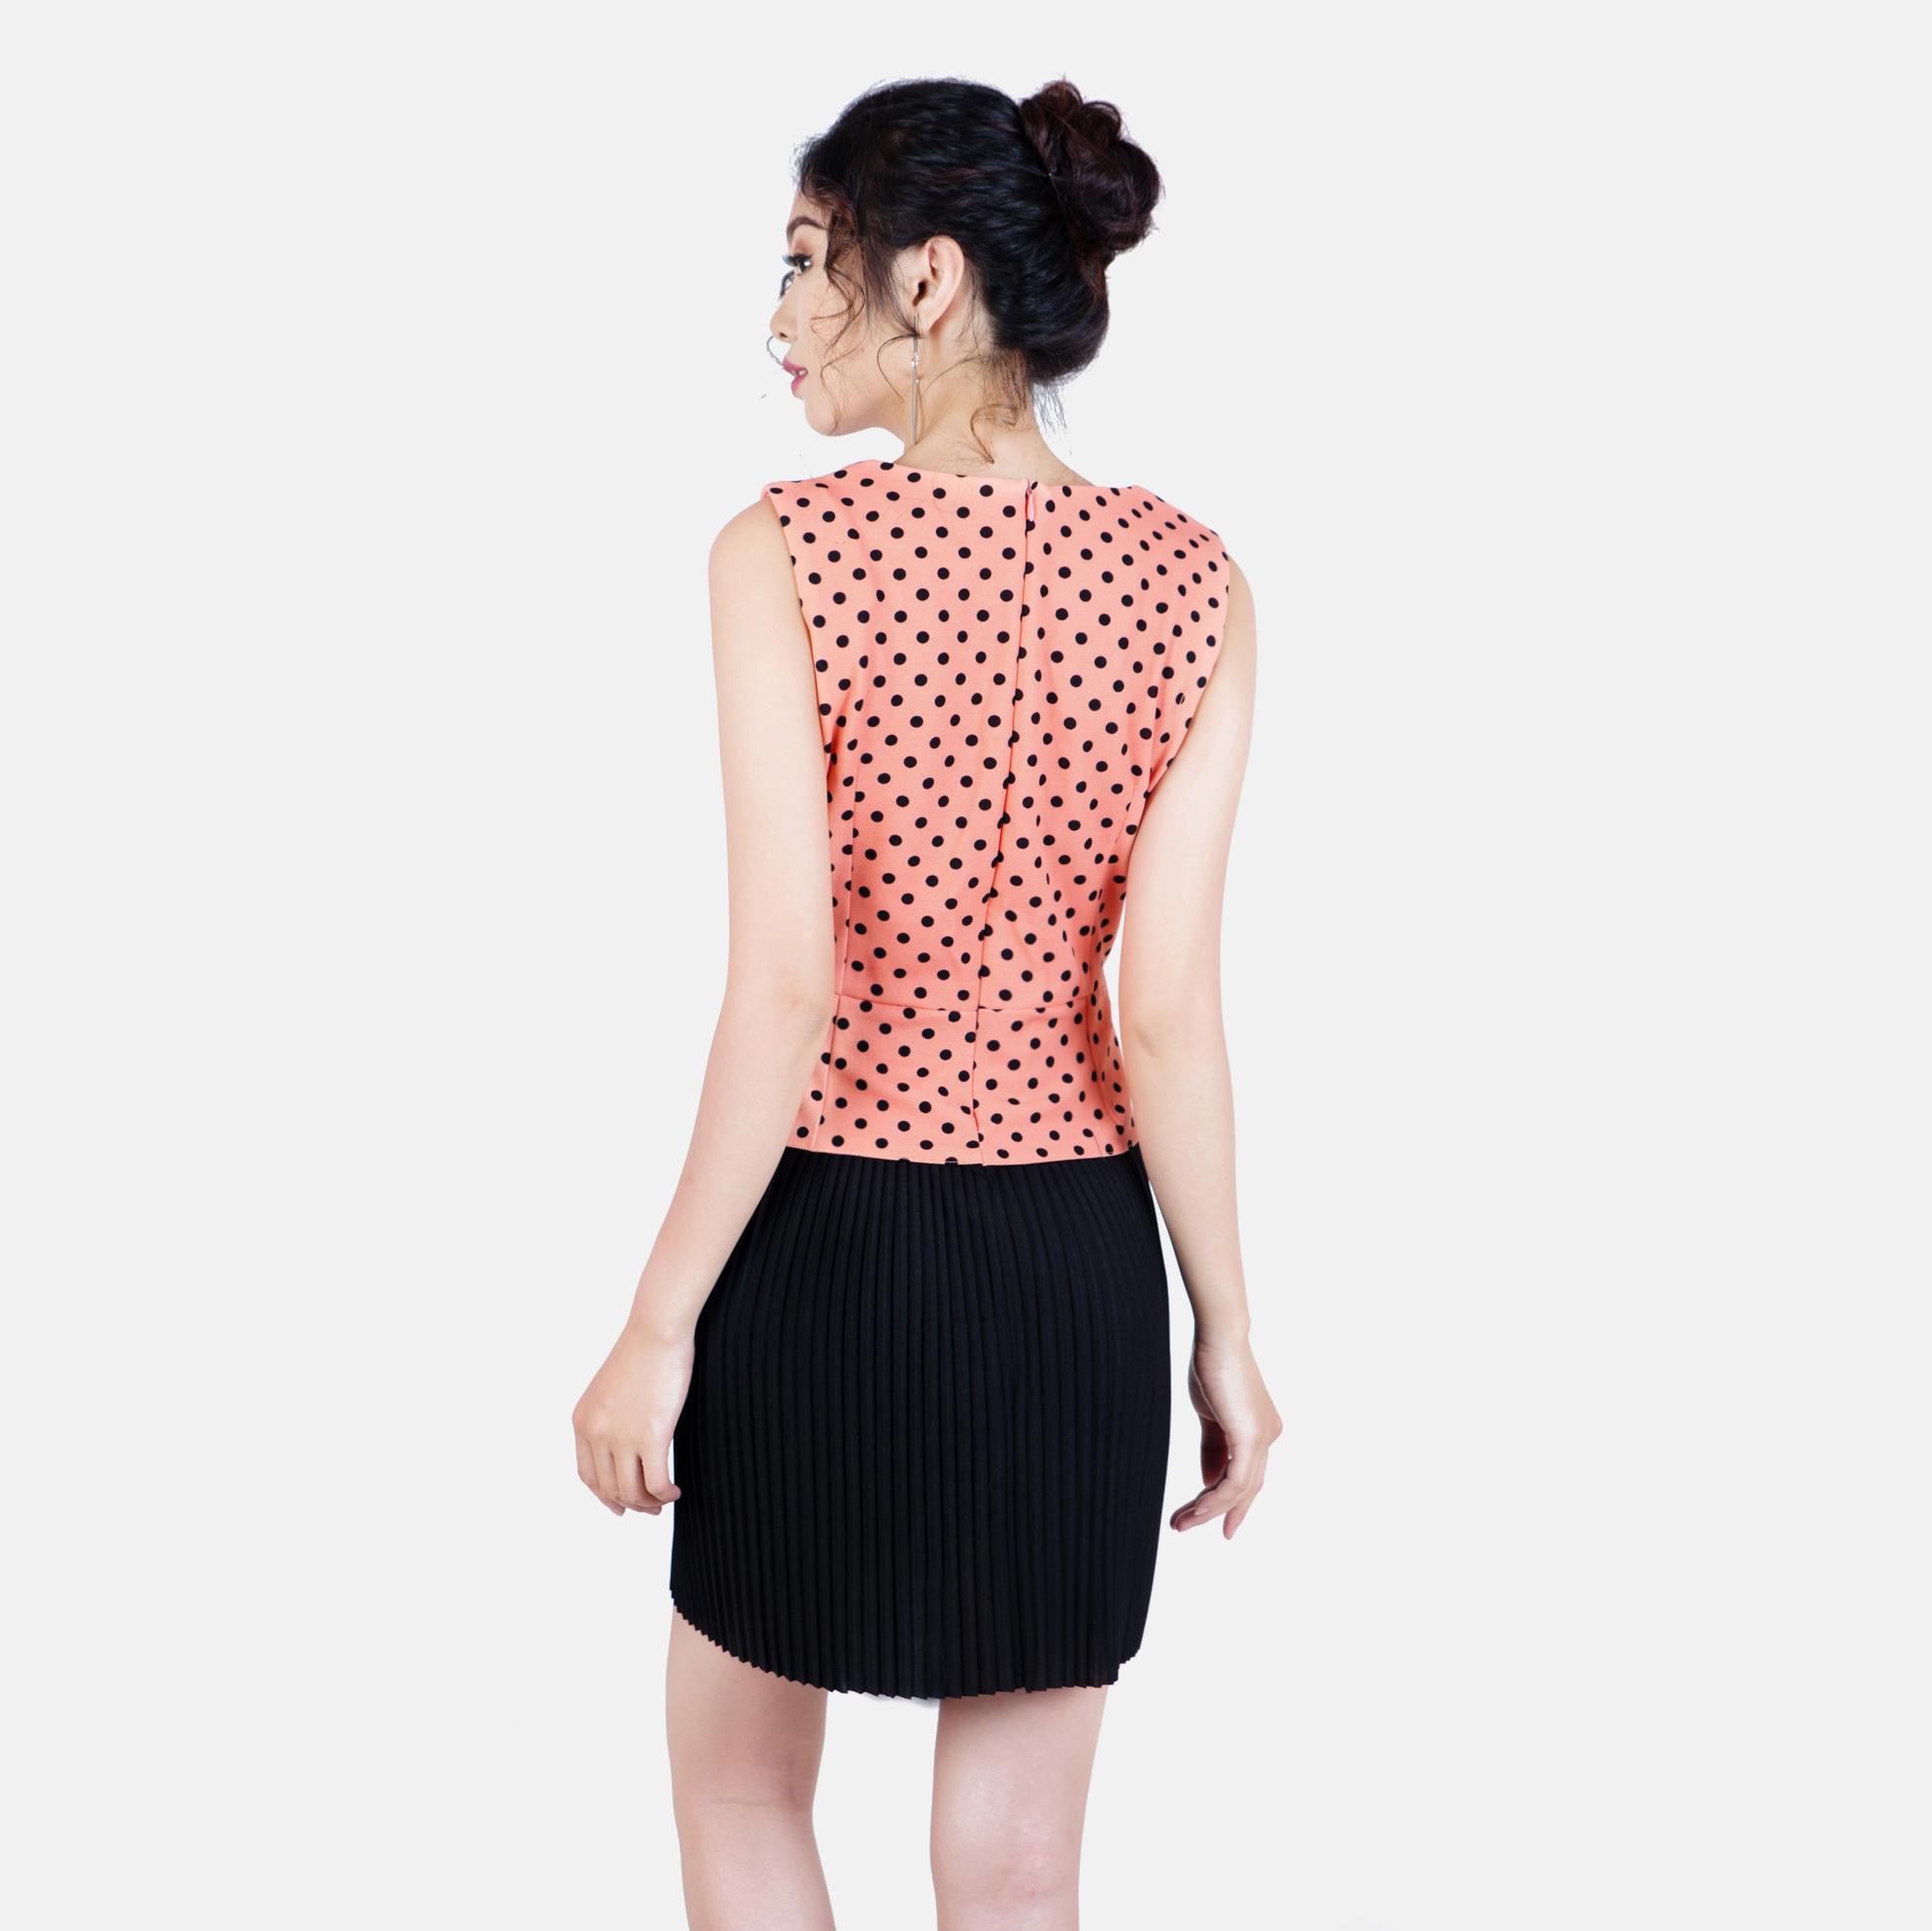 Đầm chấm bi dập li thời trang Eden d181 (cam nhạt)